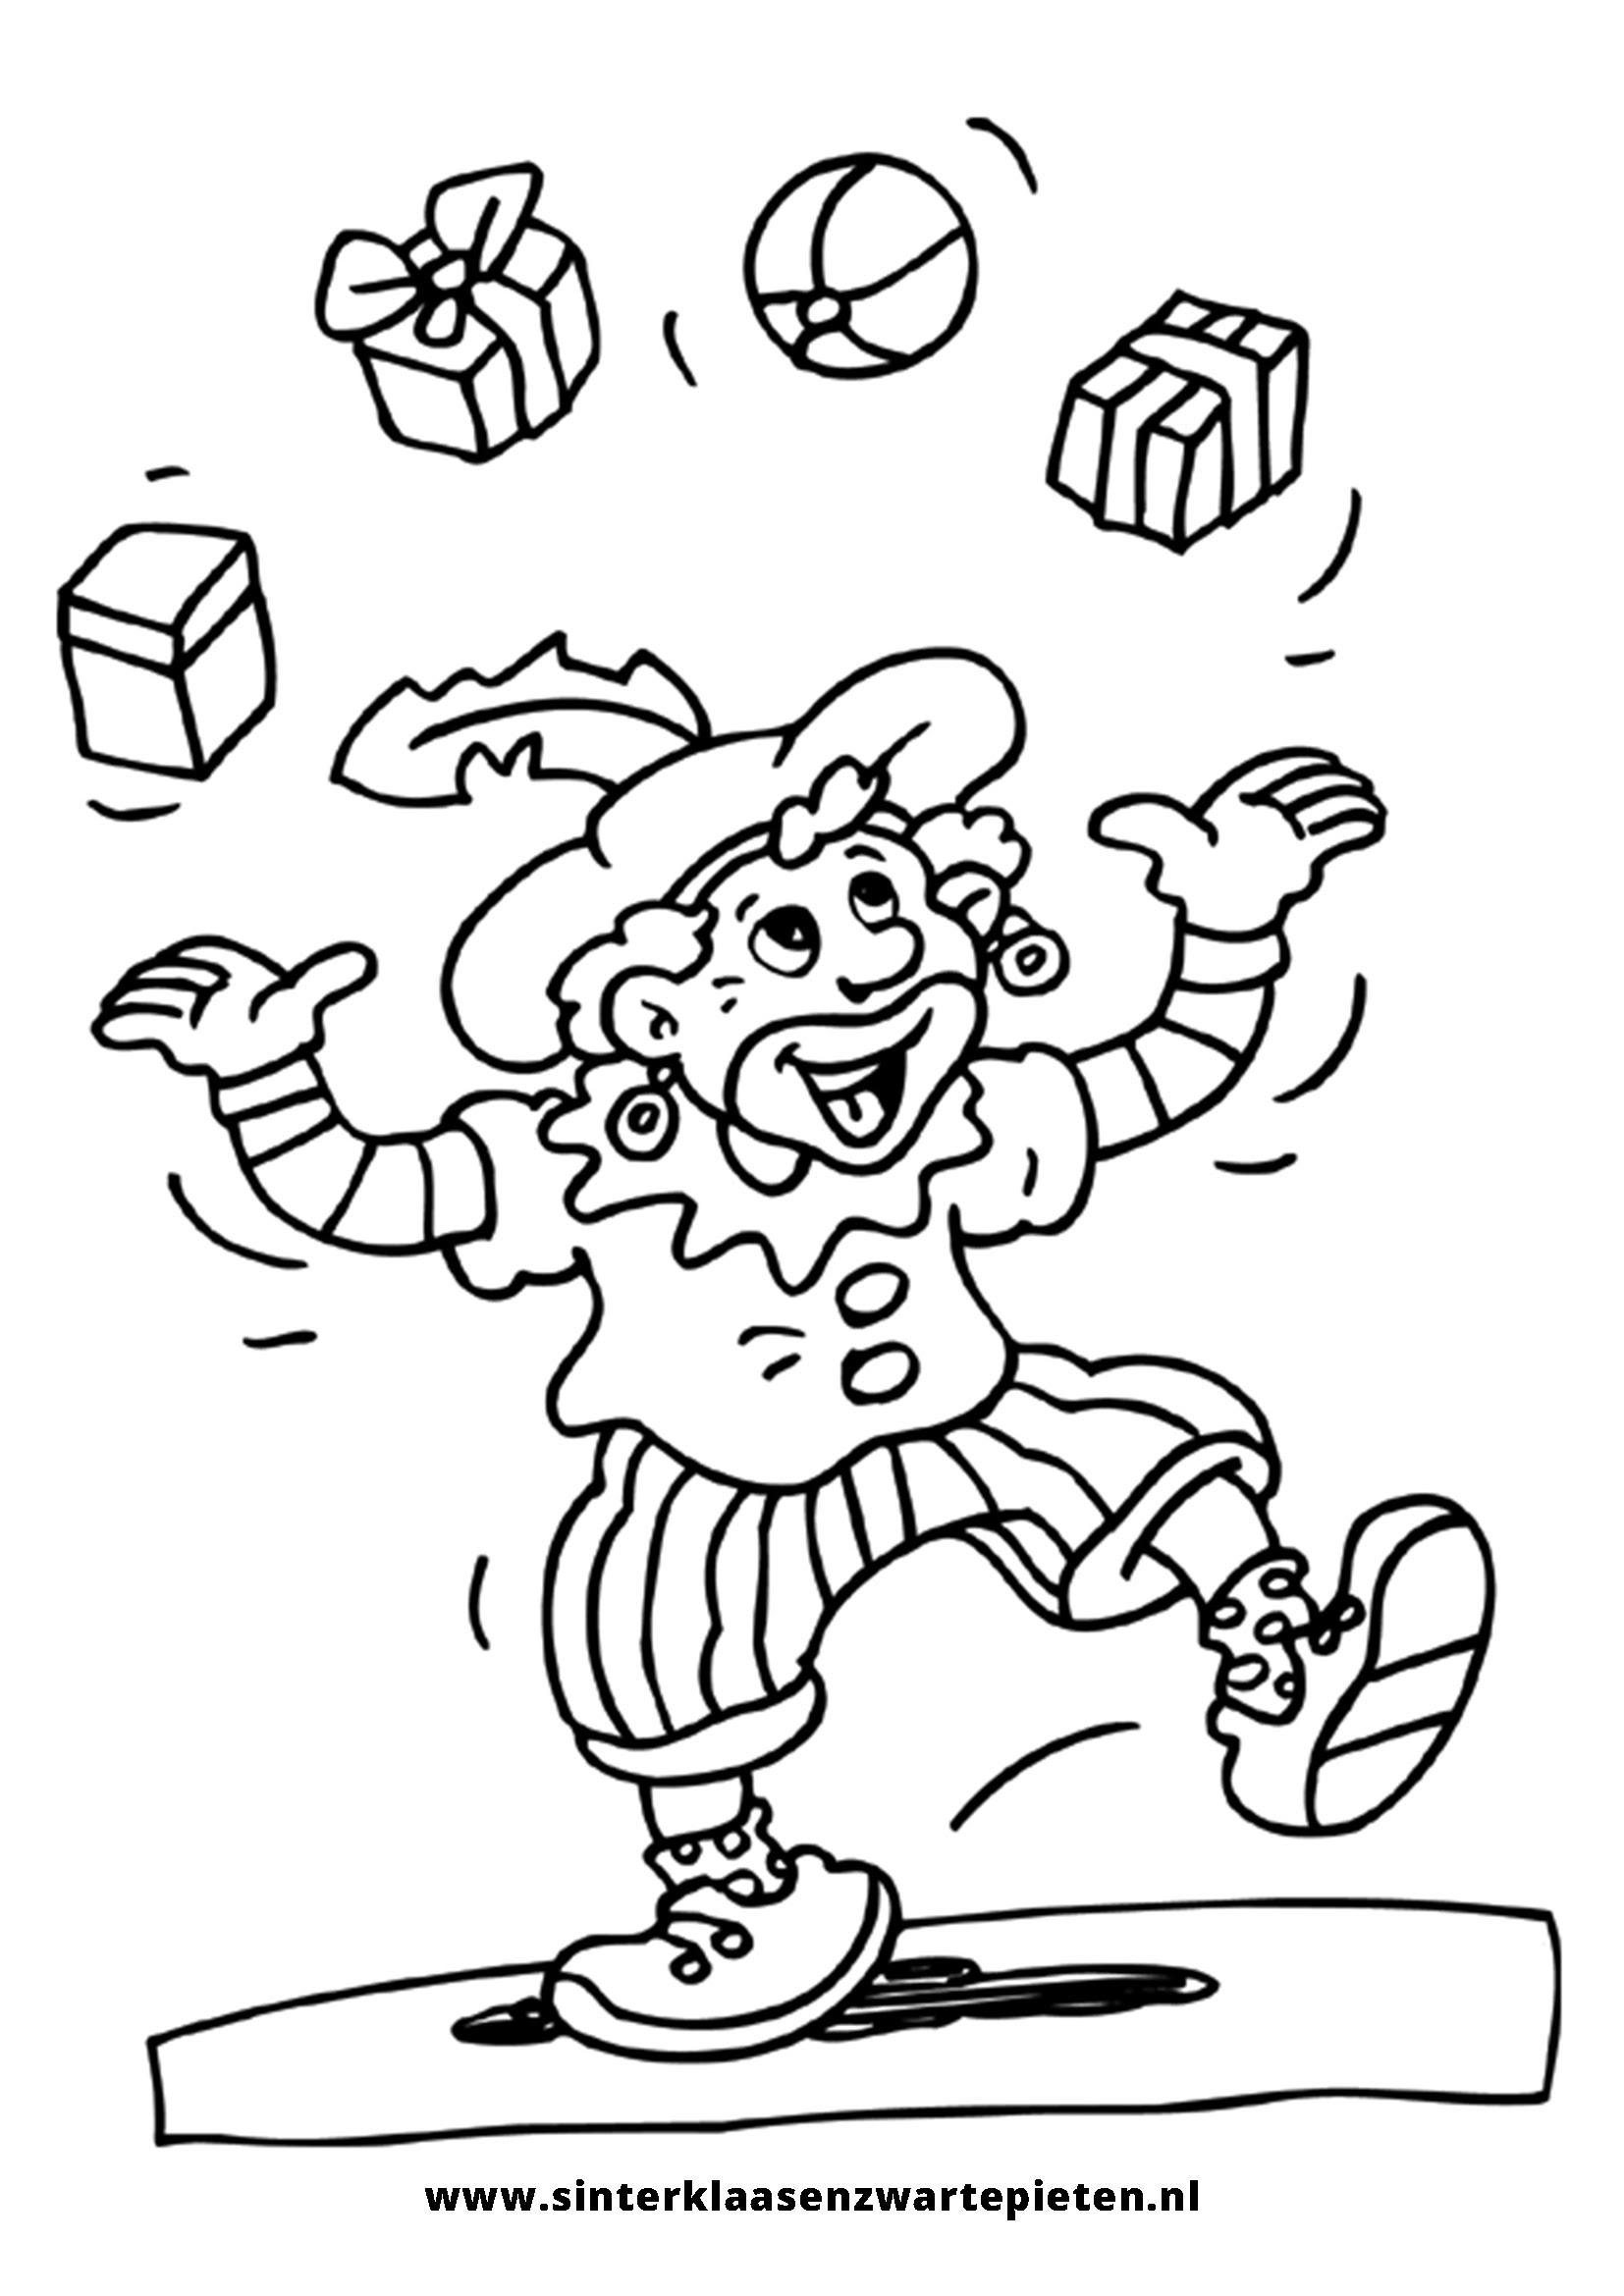 Kleurplaten Sinterklaas Zwarte Piet Stoomboot.Kleurplaat Zwarte Piet Krijg Duizenden Kleurenfoto S Van De Beste